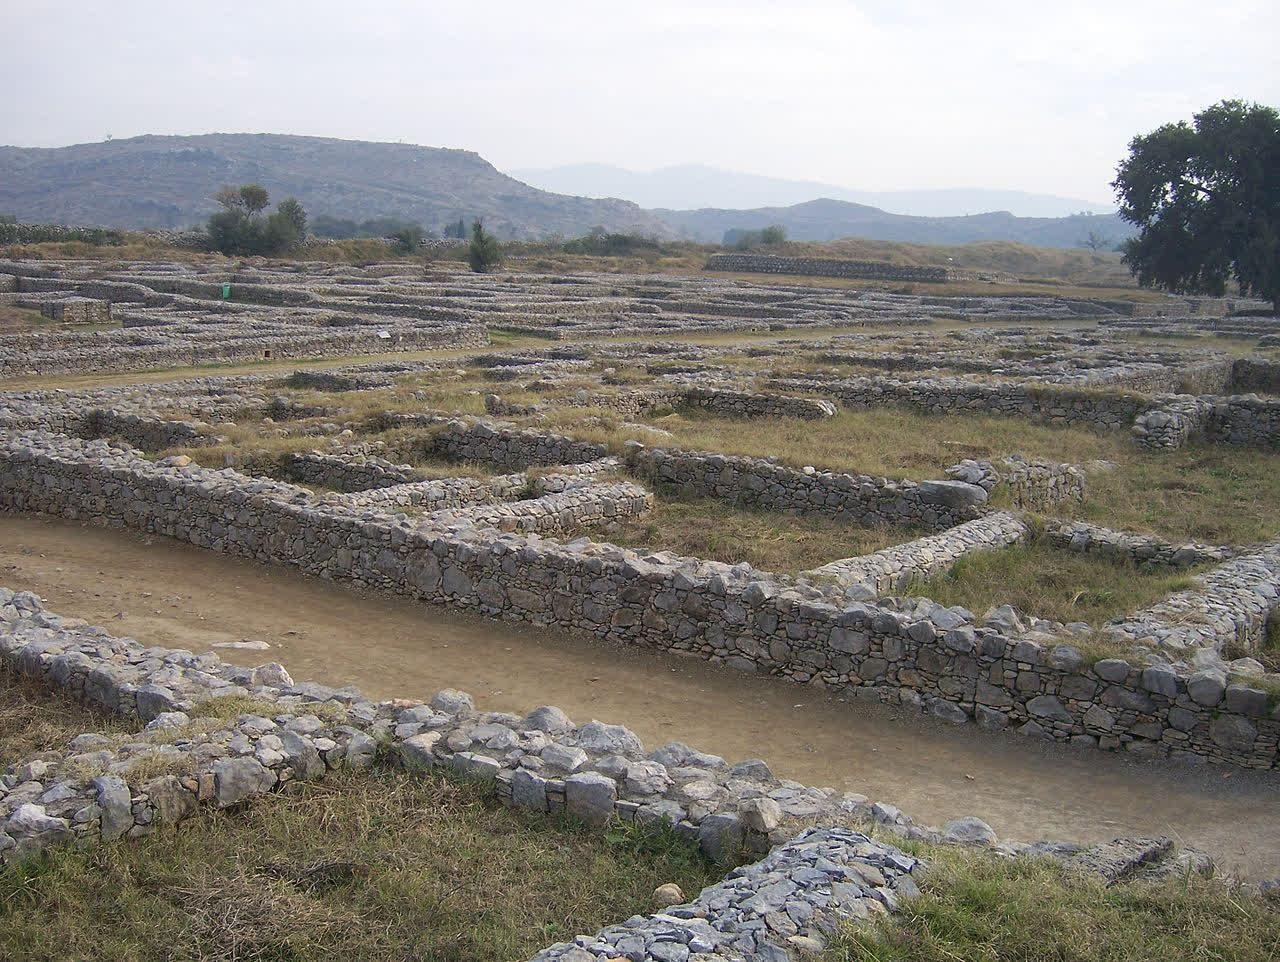 Remains of Sirkap